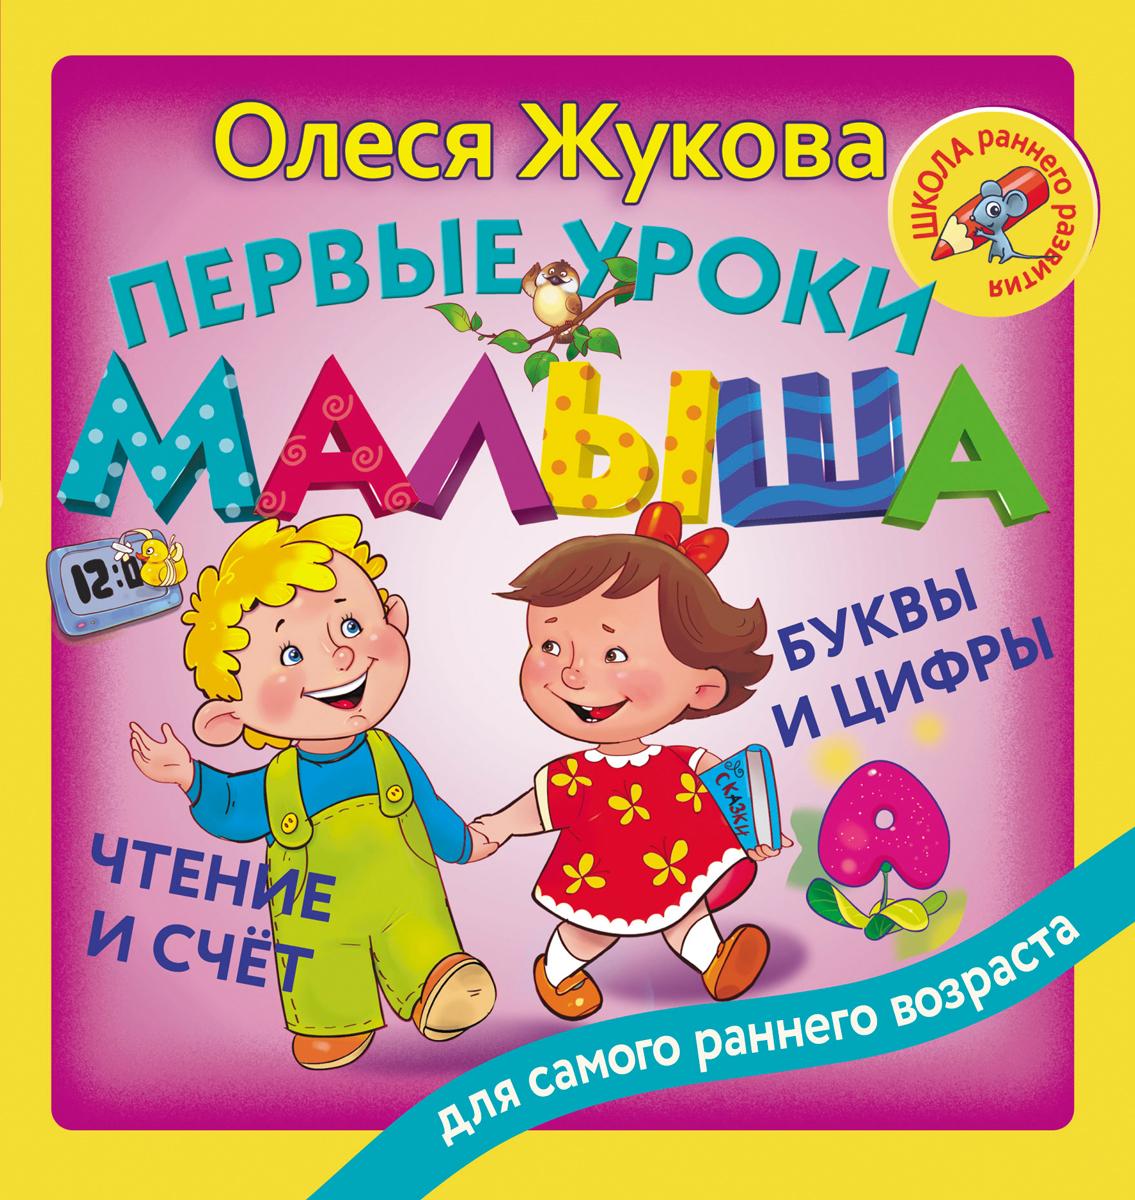 Олеся Жукова Первые уроки малыша. Буквы и цифры. Чтение и счет